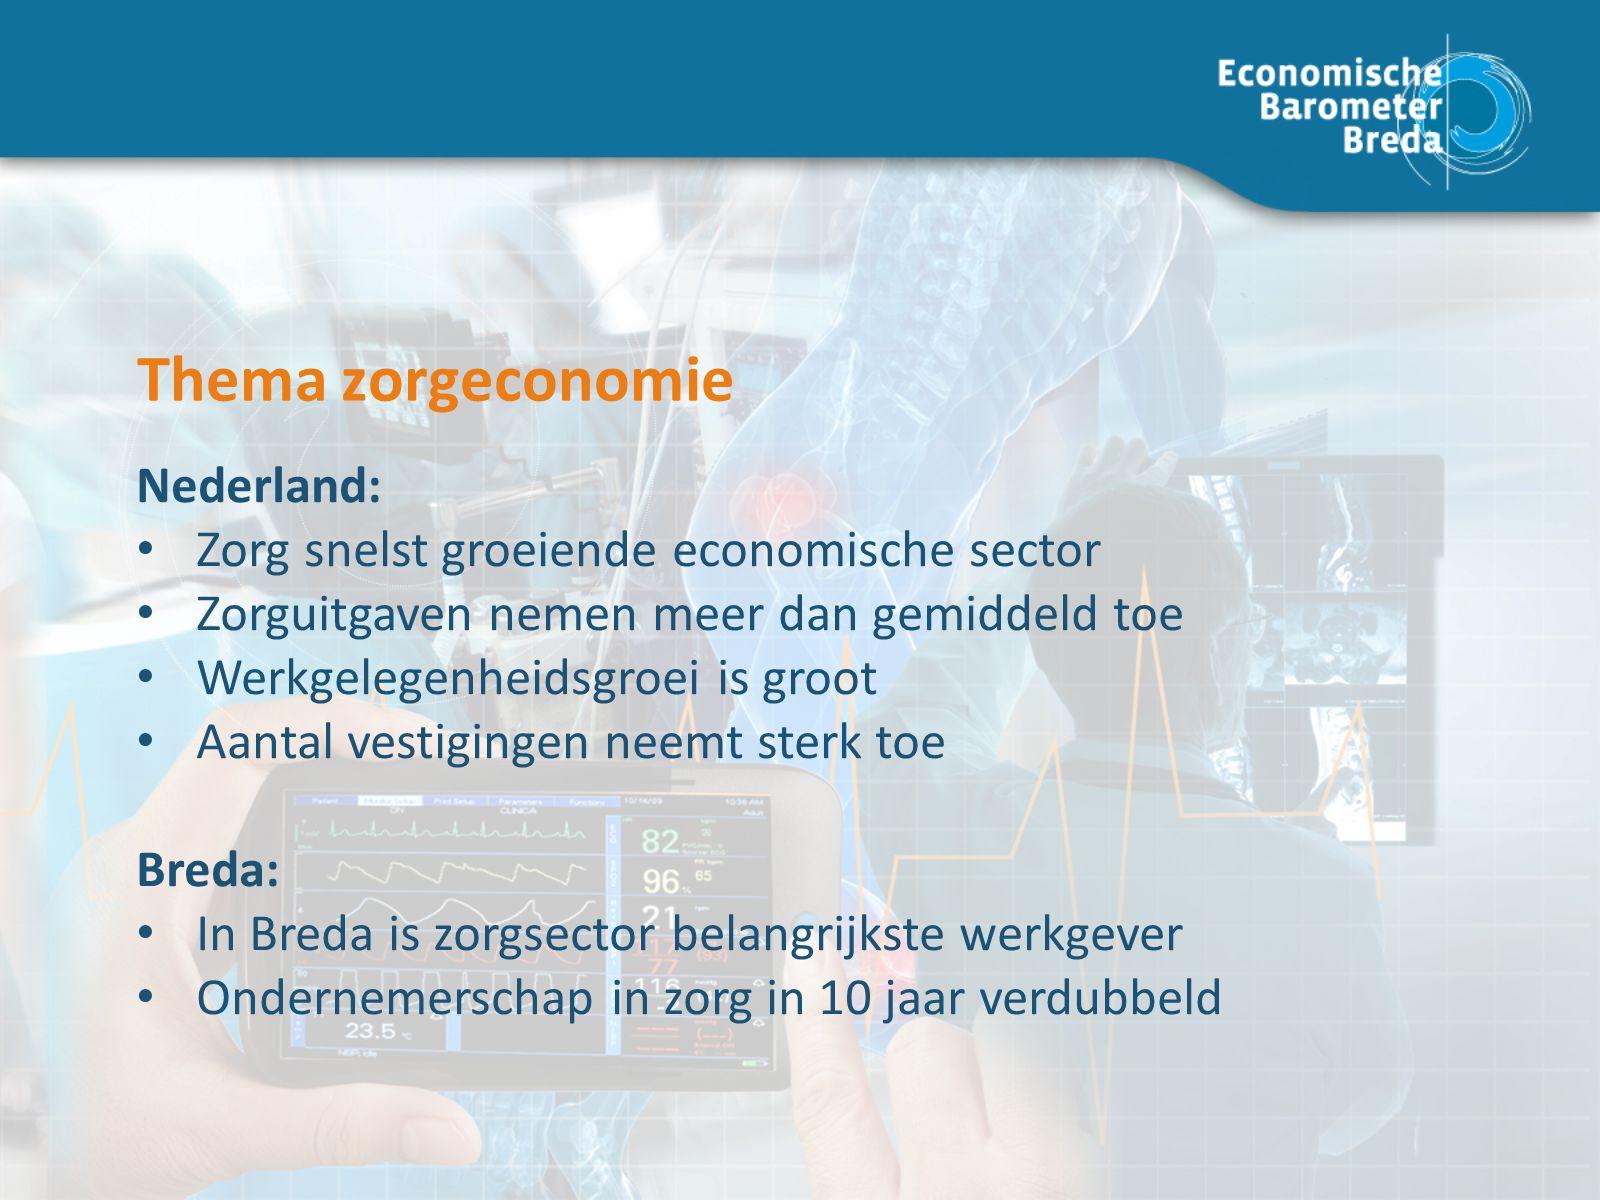 Thema zorgeconomie Nederland: Zorg snelst groeiende economische sector Zorguitgaven nemen meer dan gemiddeld toe Werkgelegenheidsgroei is groot Aantal vestigingen neemt sterk toe Breda: In Breda is zorgsector belangrijkste werkgever Ondernemerschap in zorg in 10 jaar verdubbeld